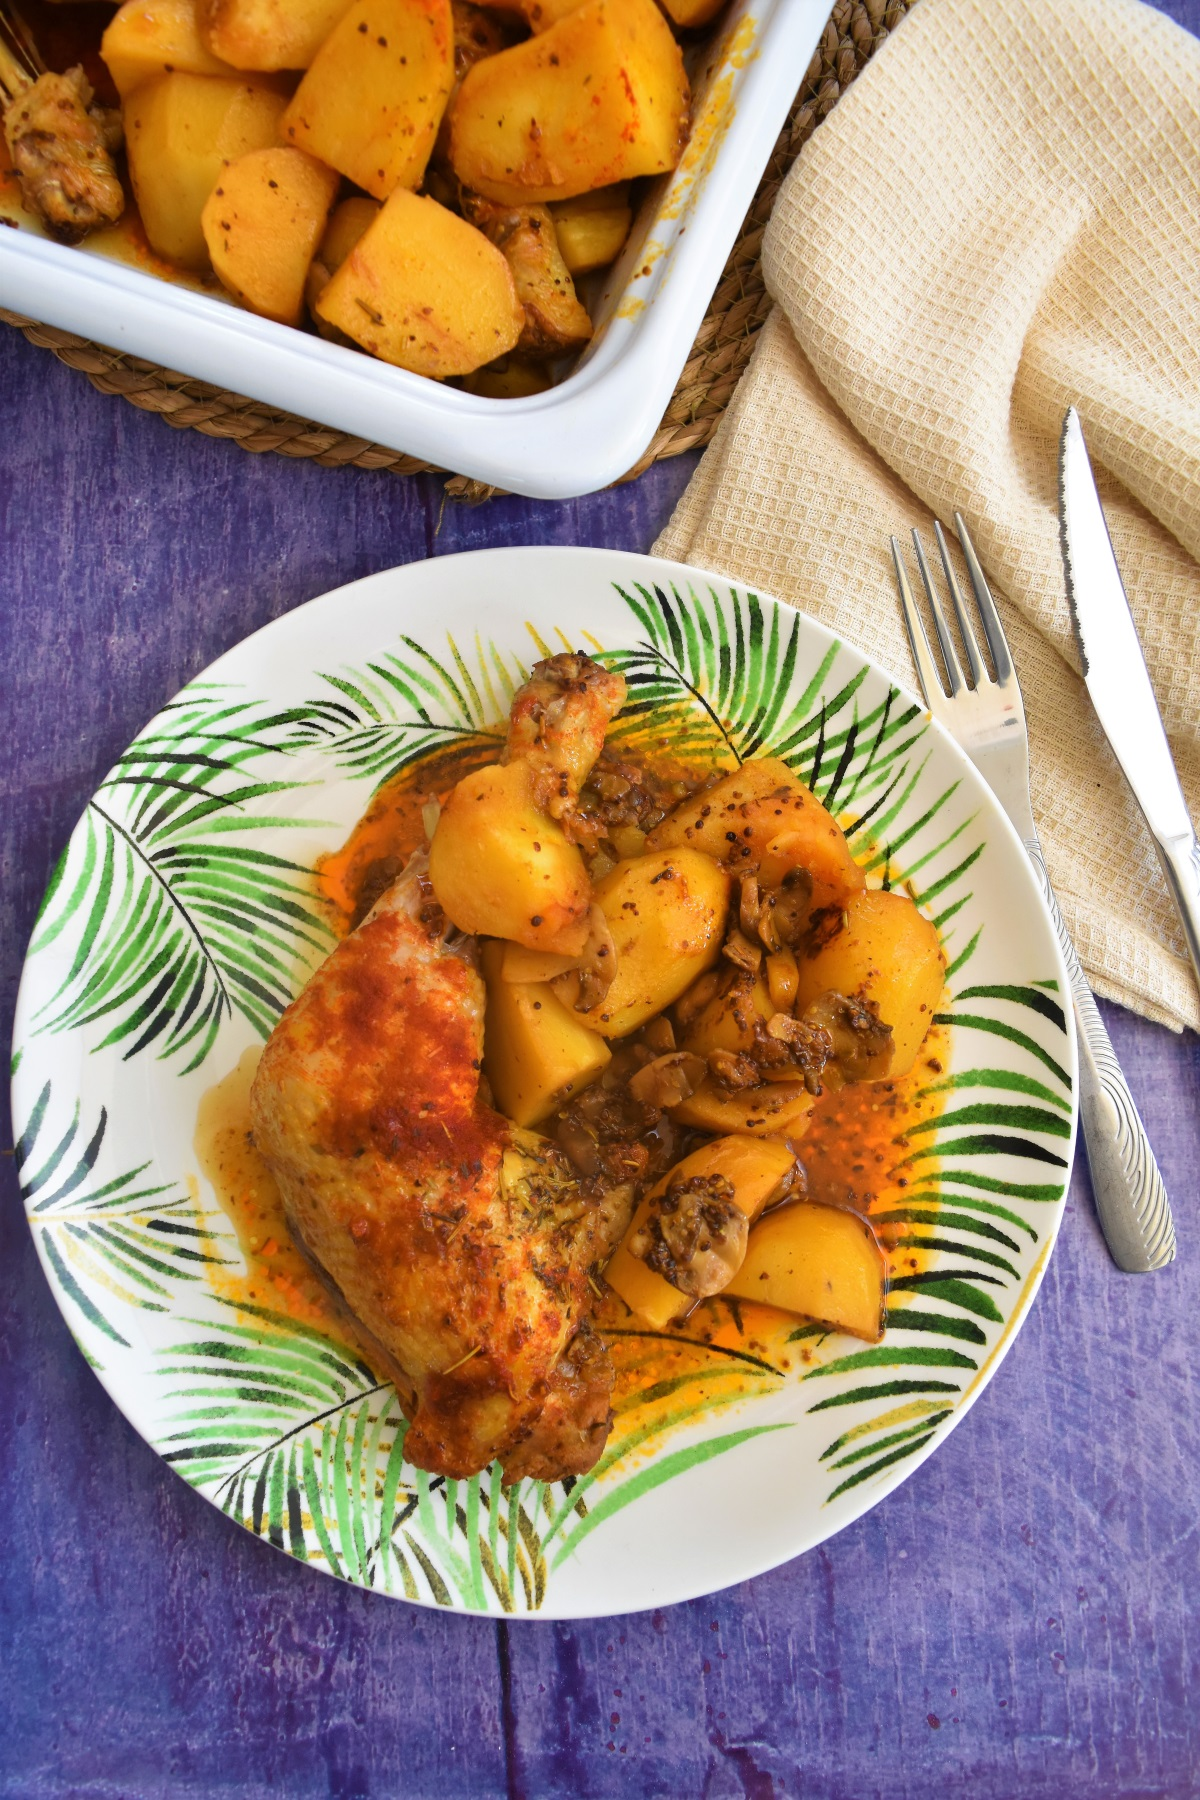 cuisses de poulet a la moutarde et paprika